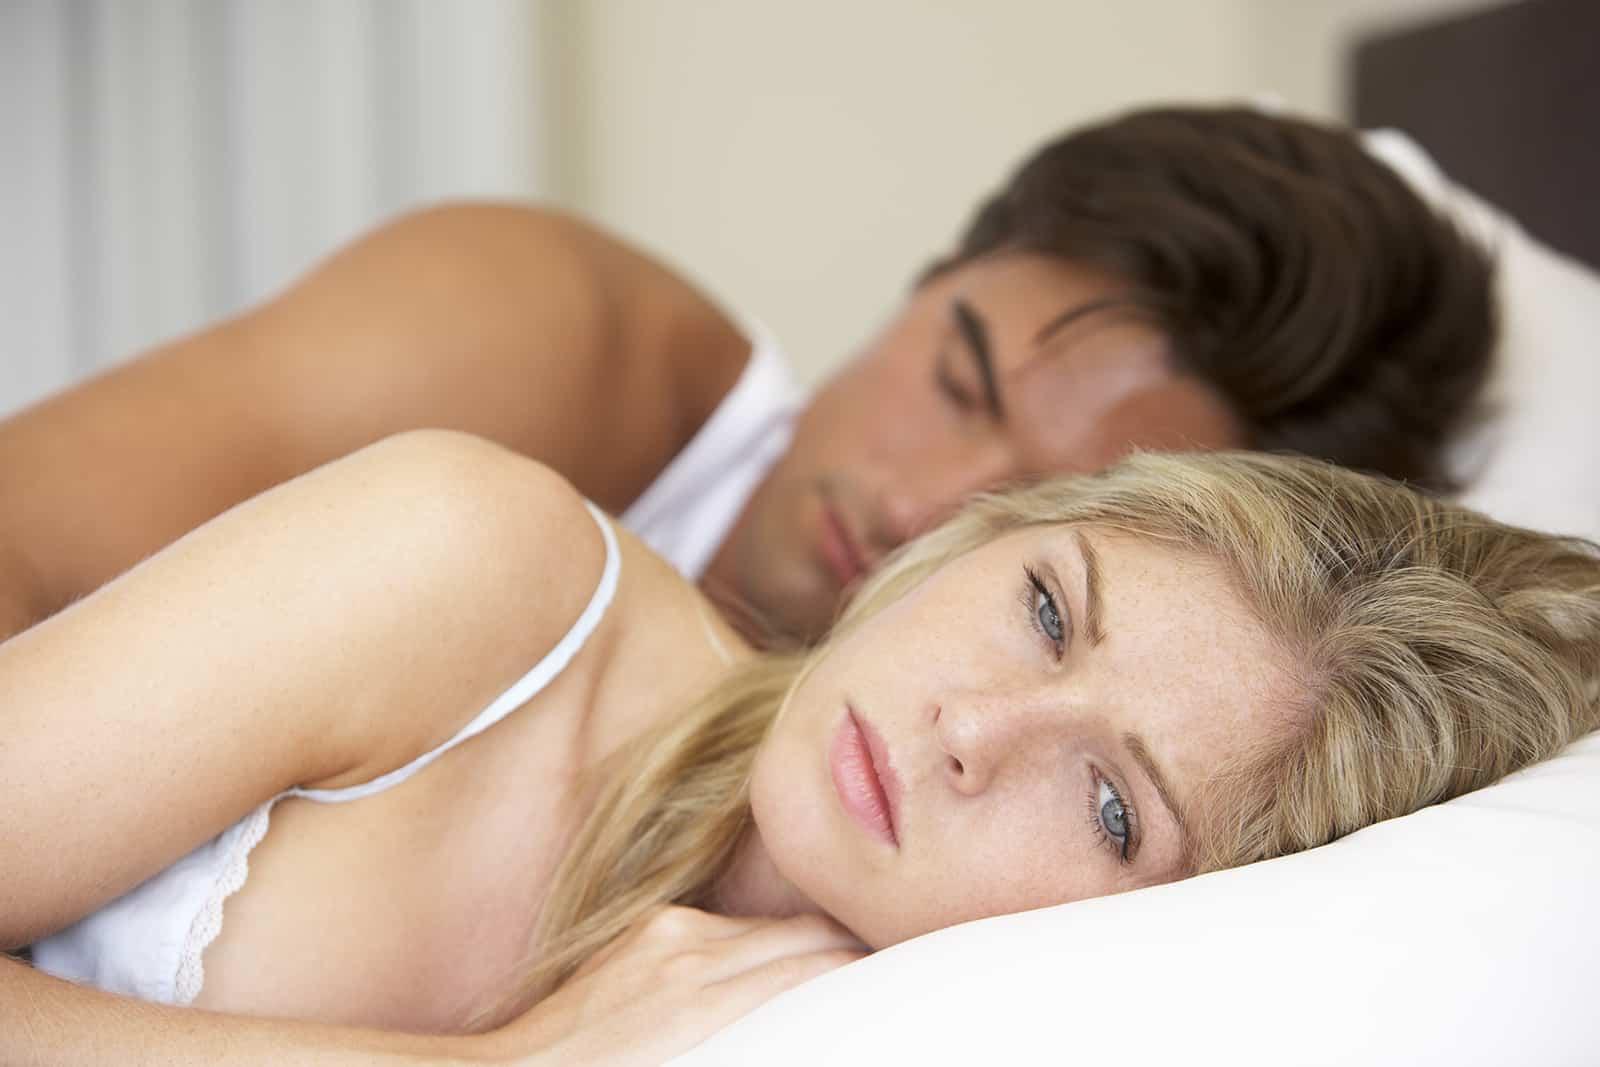 eine traurige Frau, die wach in einem Bett neben einem schlafenden Mann liegt